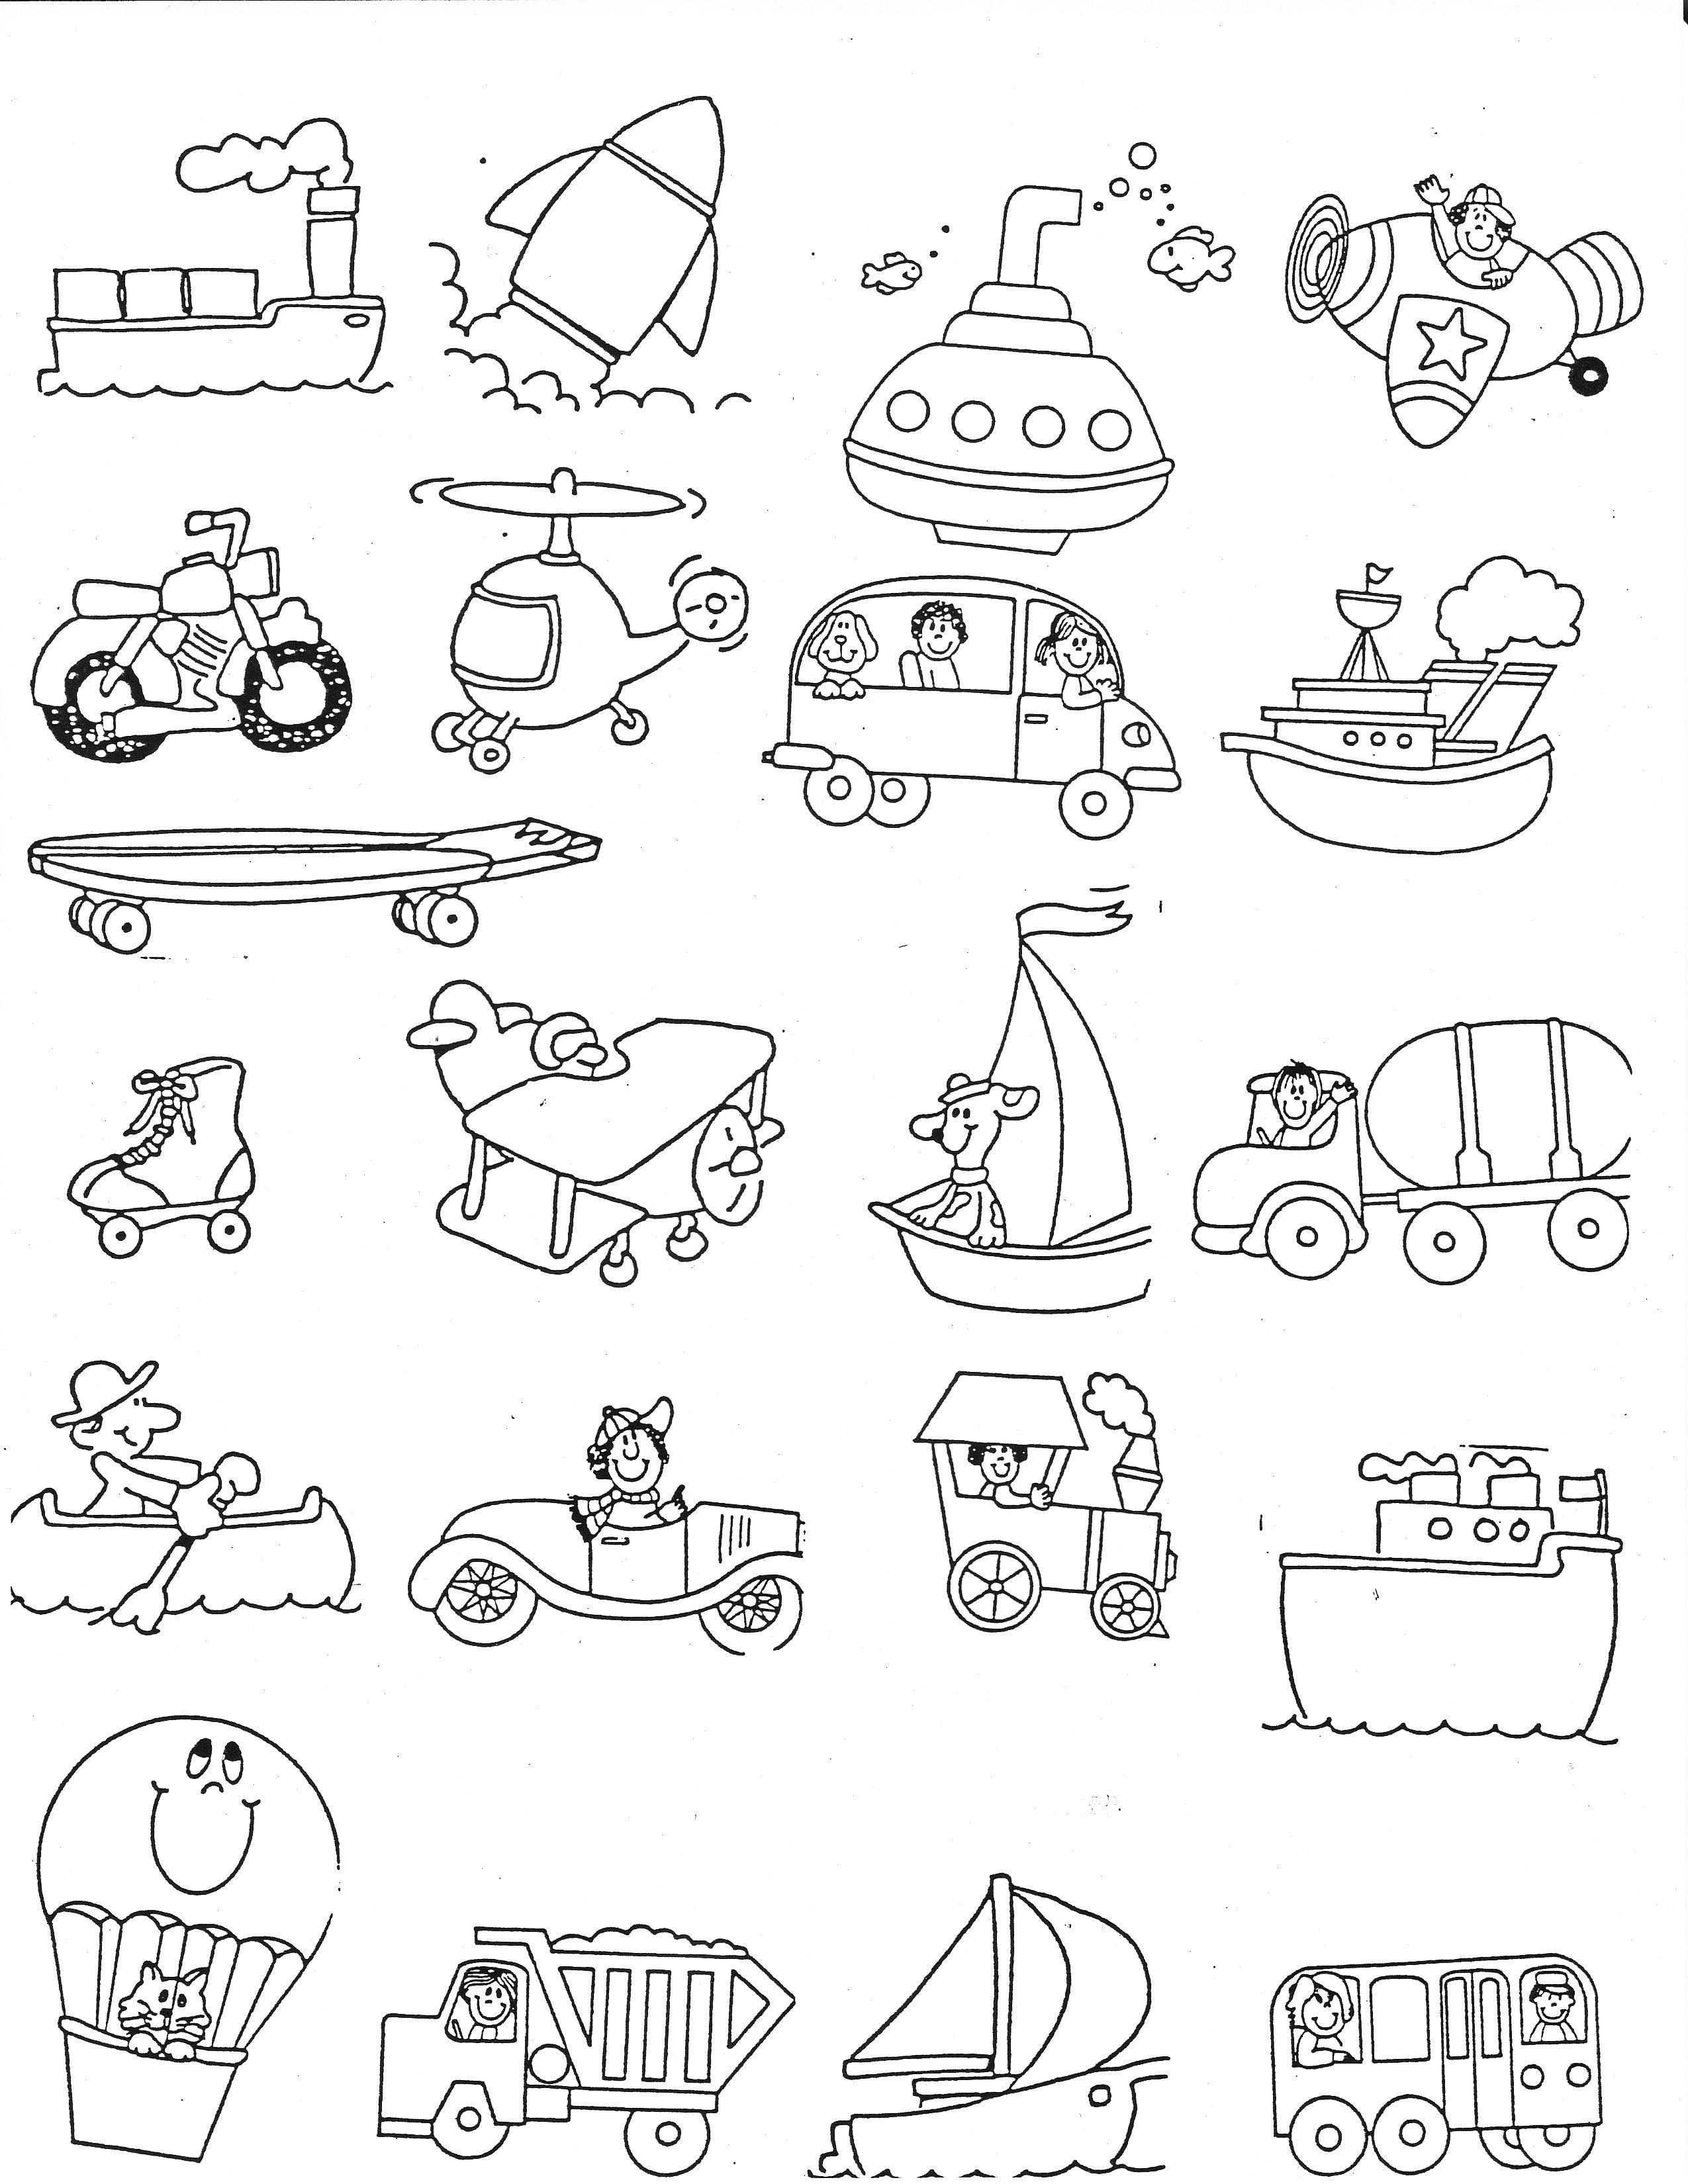 Kindergarten Worksheets On Transport 496971